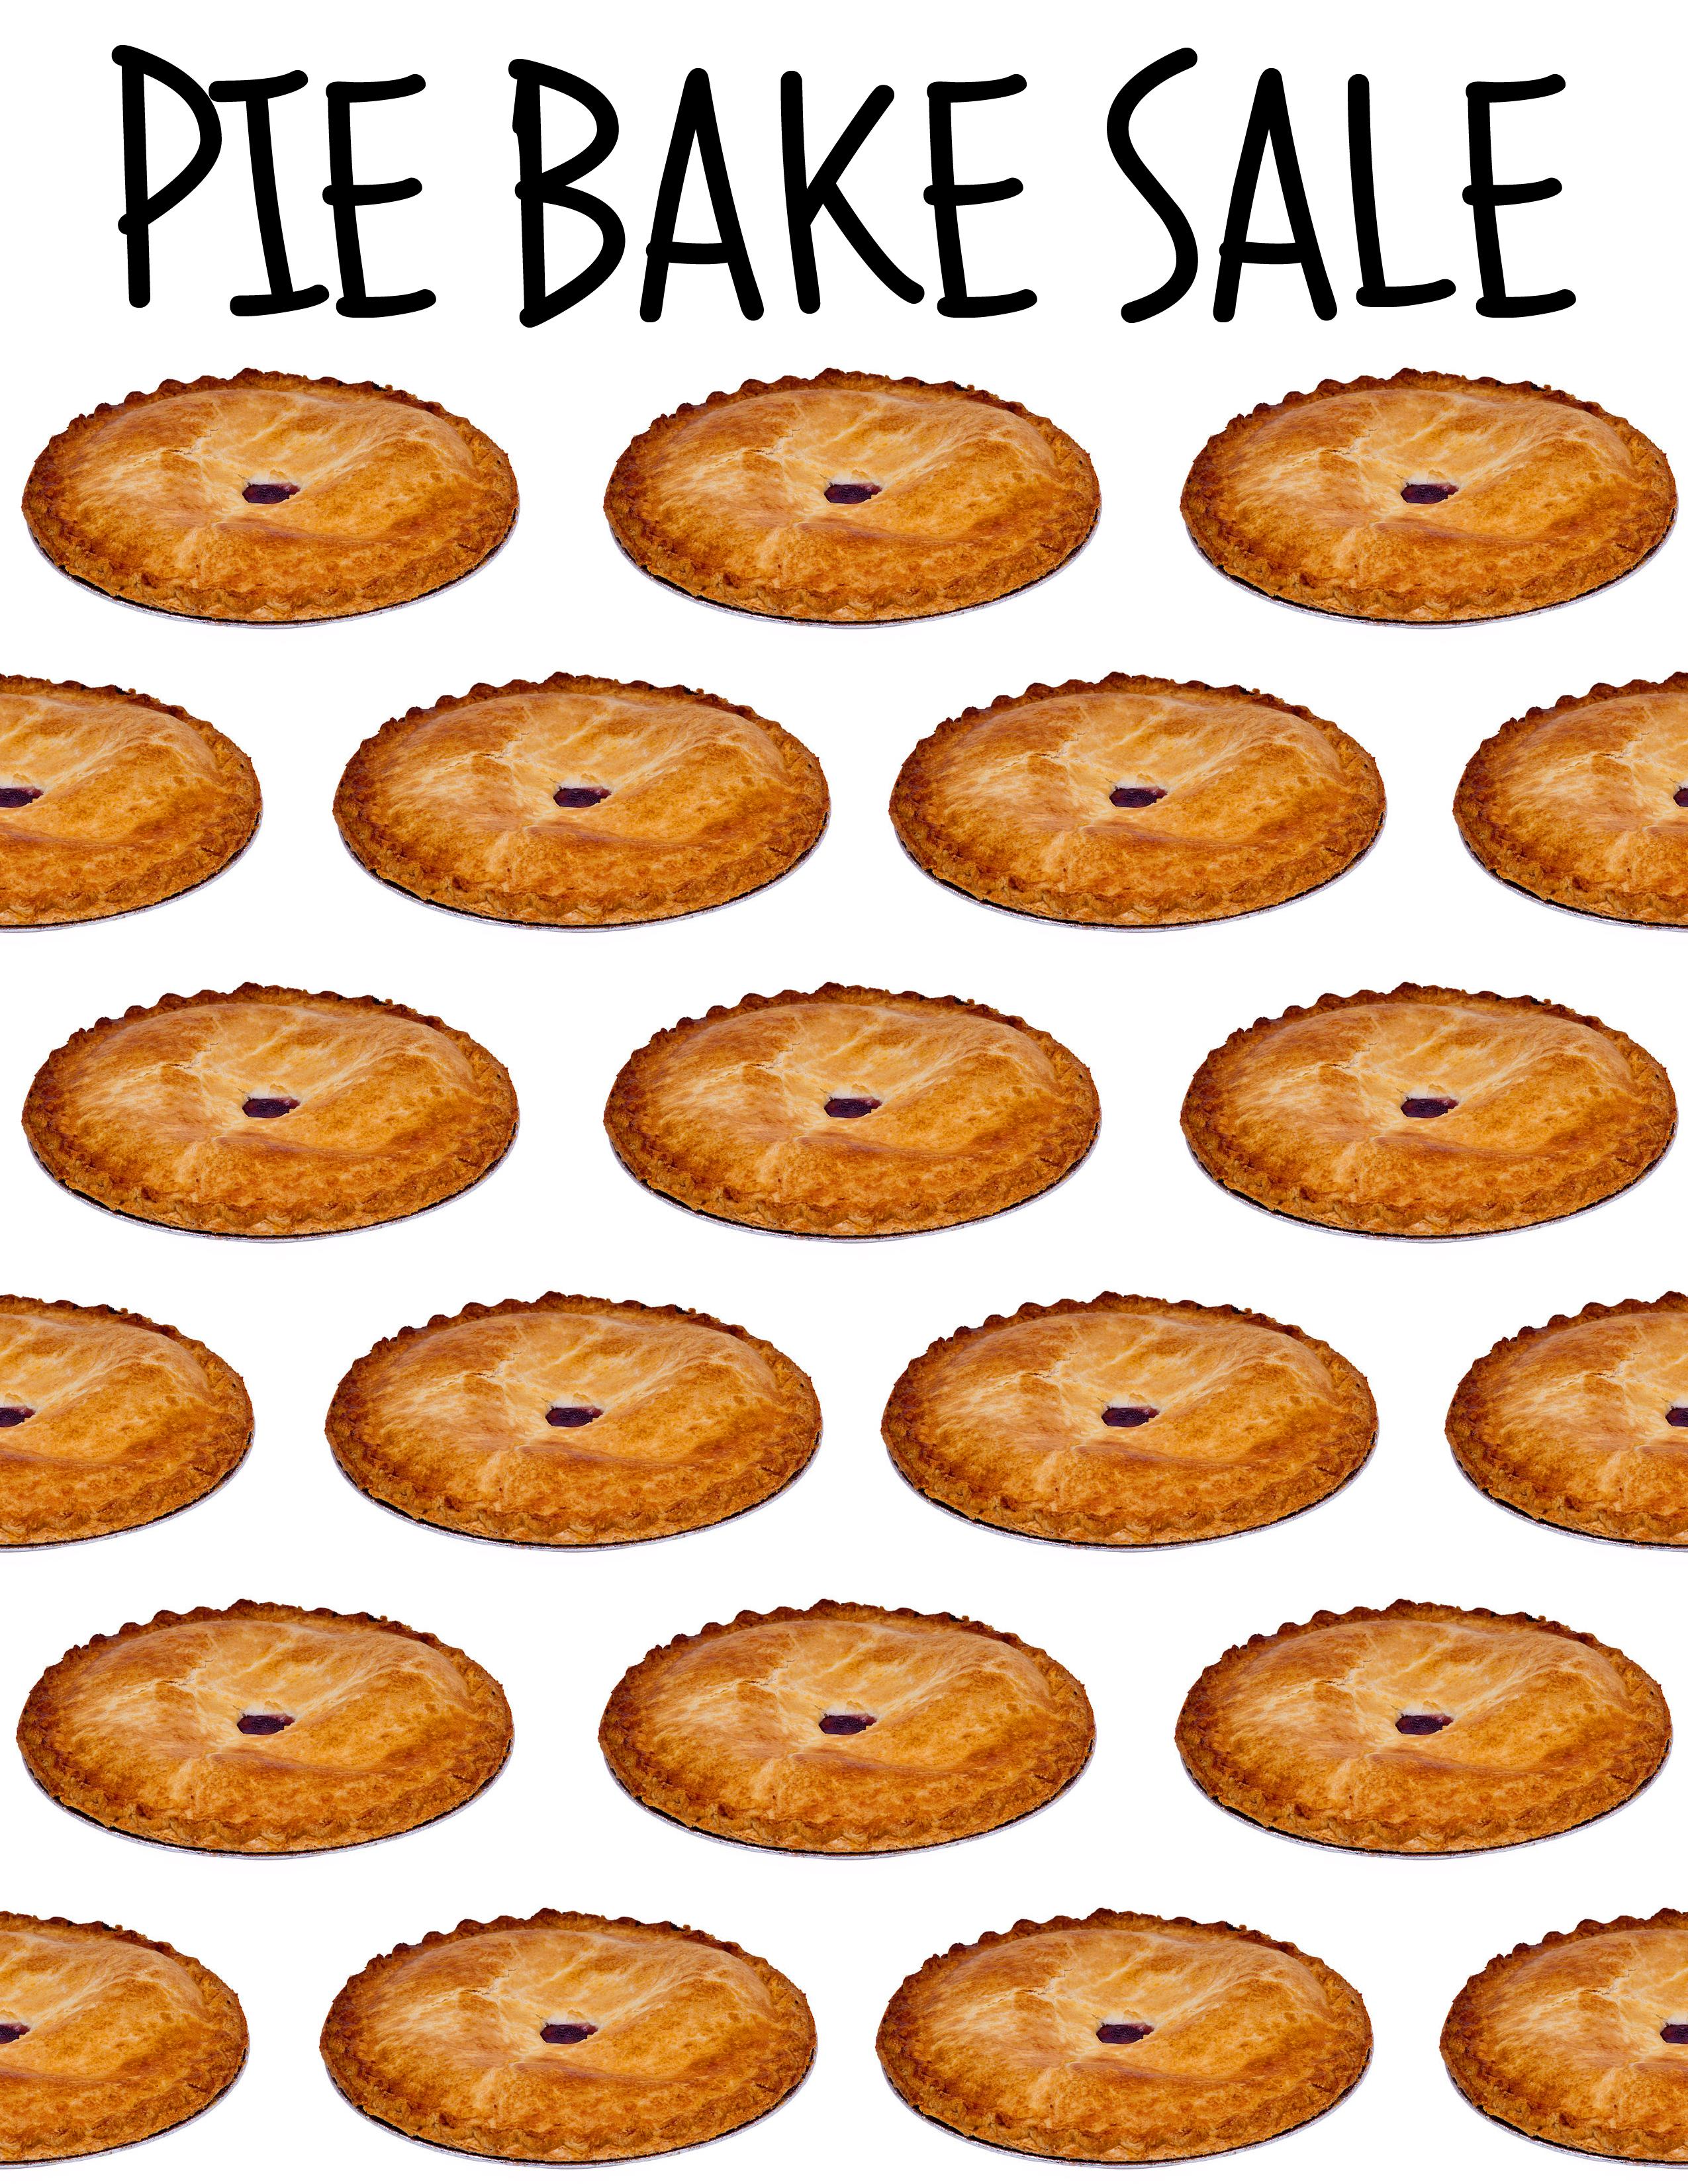 bake sale flyers free flyer designs - HD2550×3300